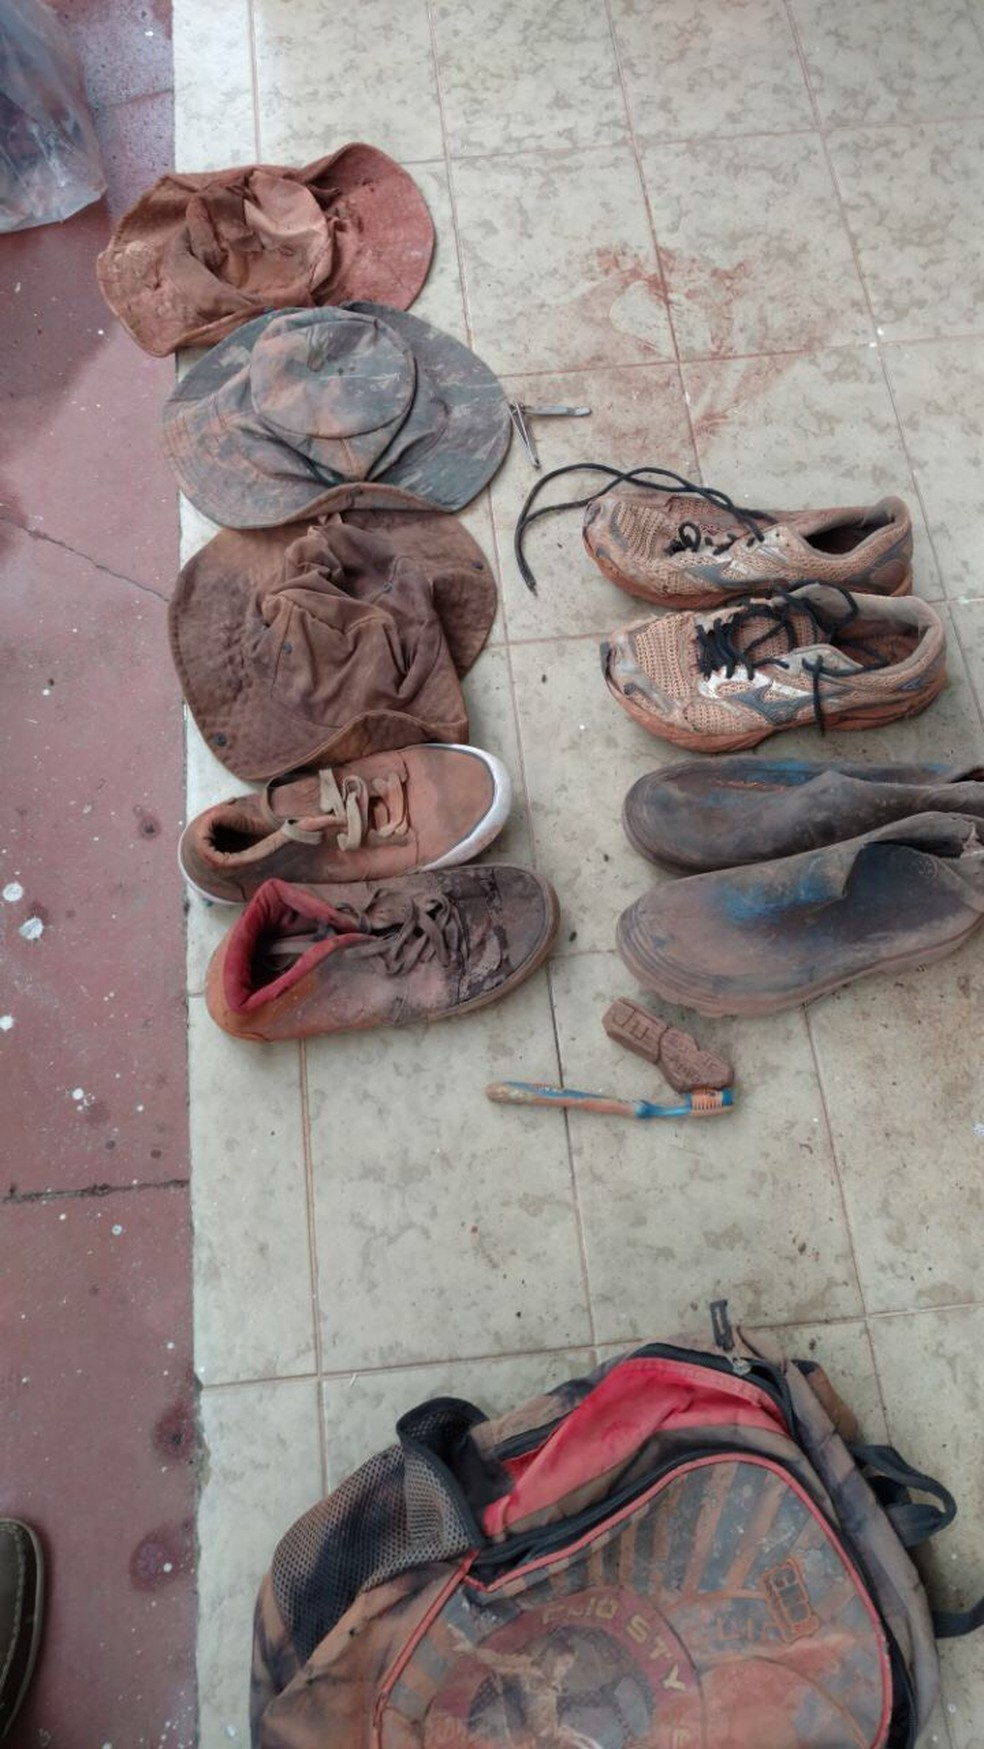 Mulher reconheceu os objetos pessoais encontrados junto com as ossadas (Foto: Polícia Civil-MT/ Divulgação)